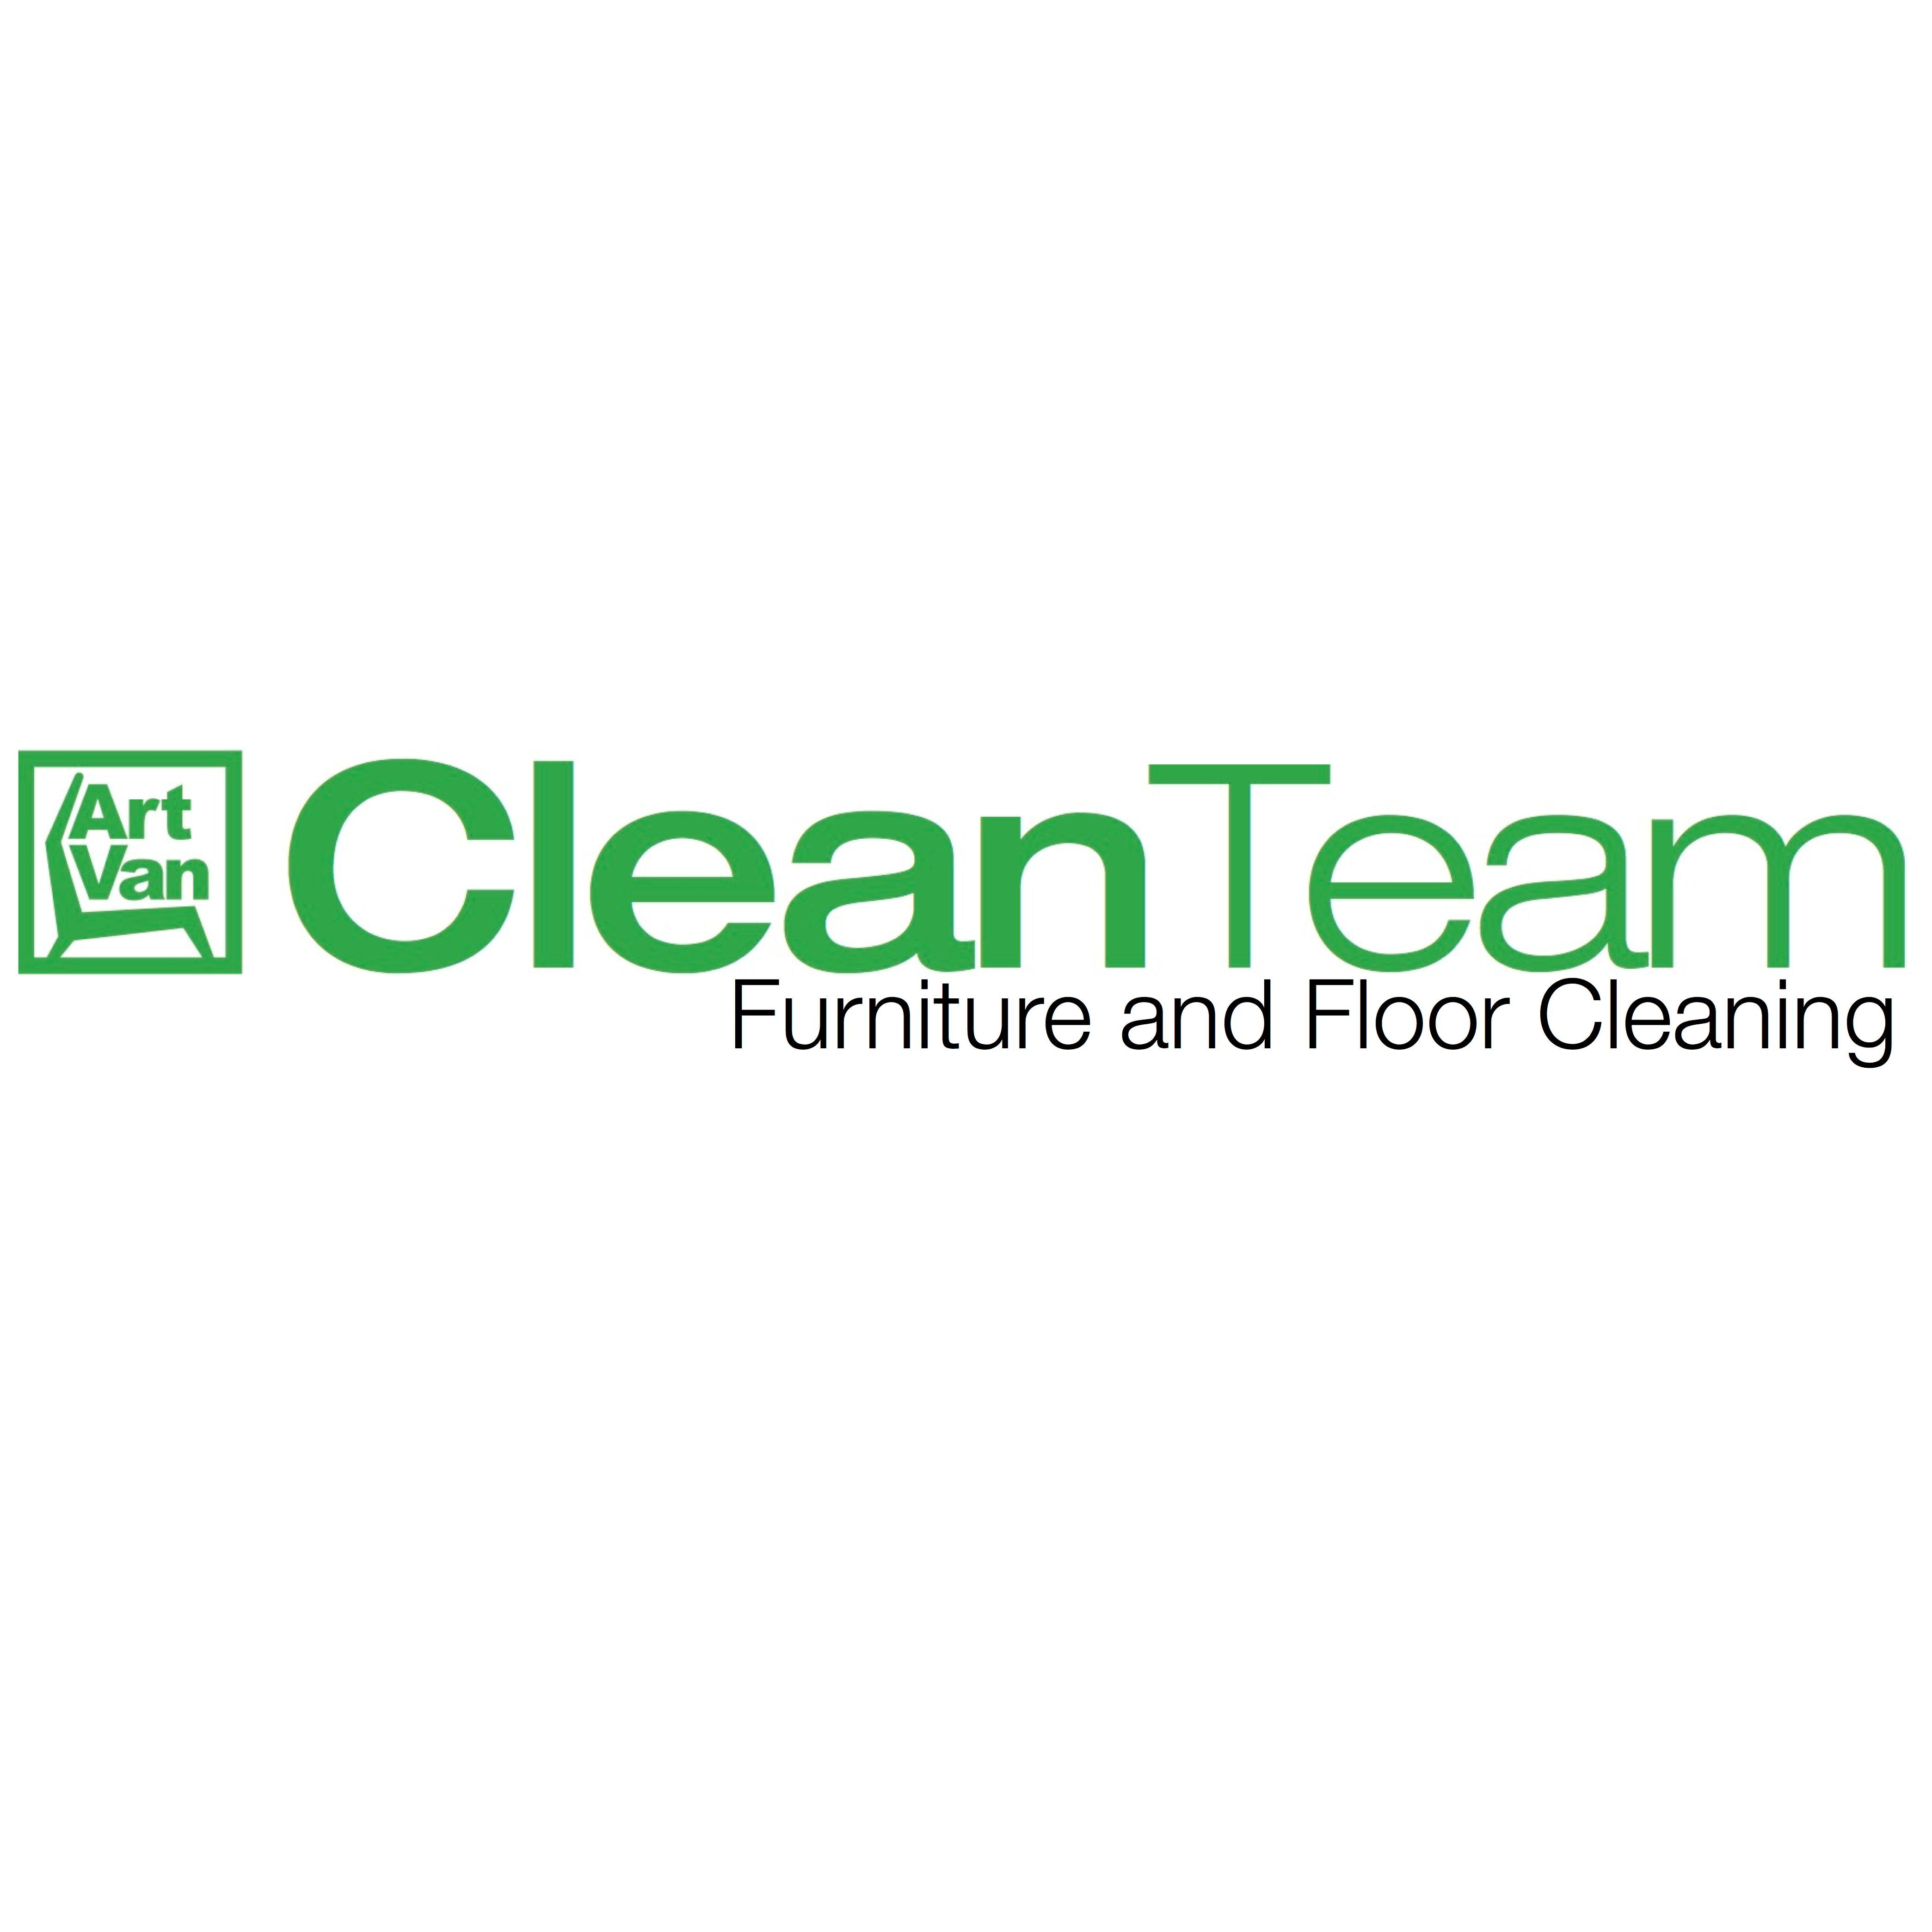 Art Van Clean Team